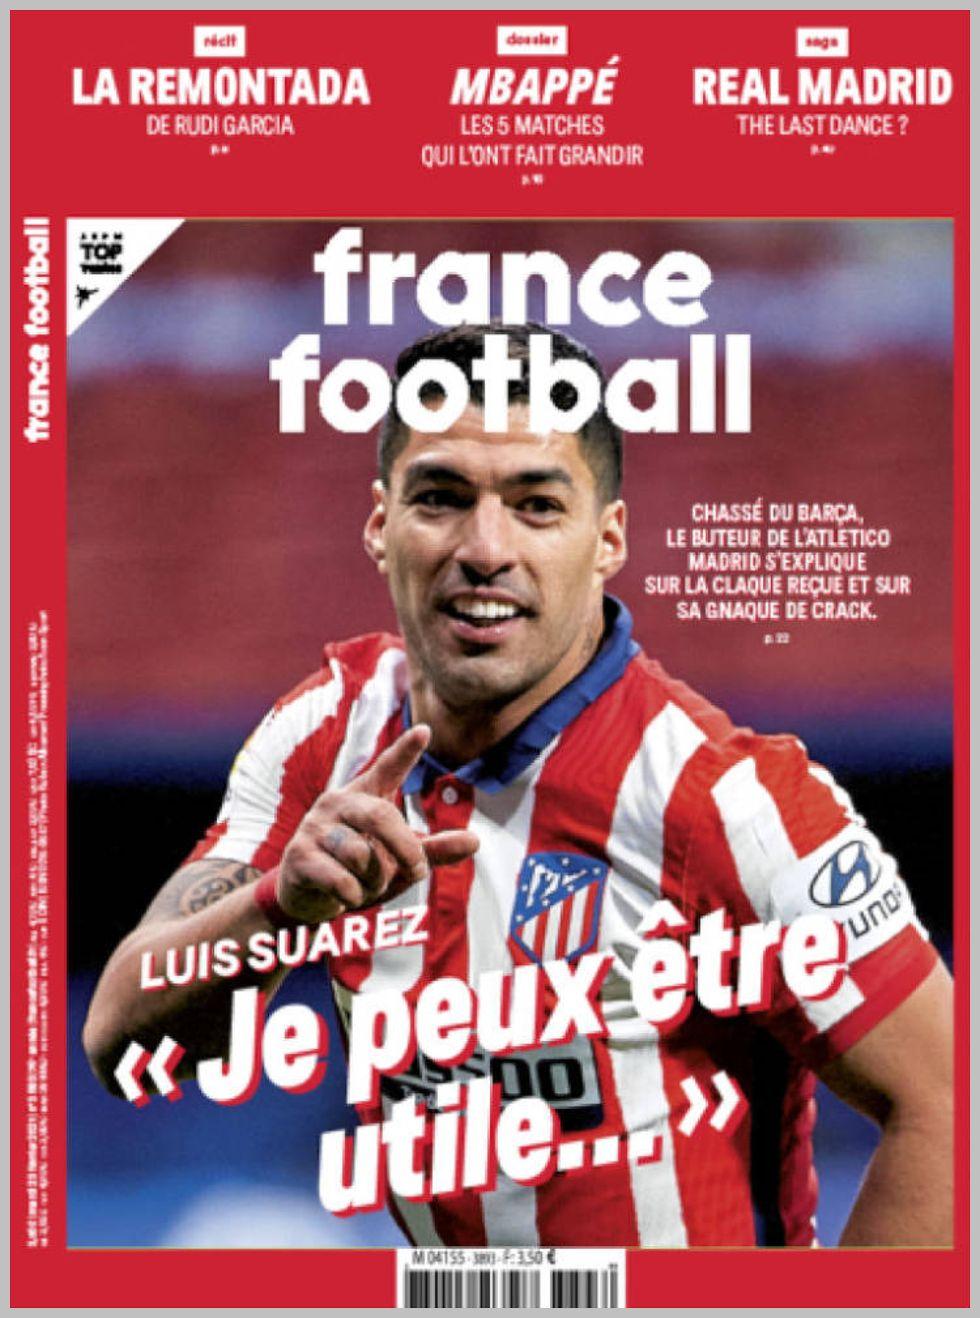 Εξώφυλλο εφημερίδας με δυνατότητα κλικ FRANCE FOOTBALL